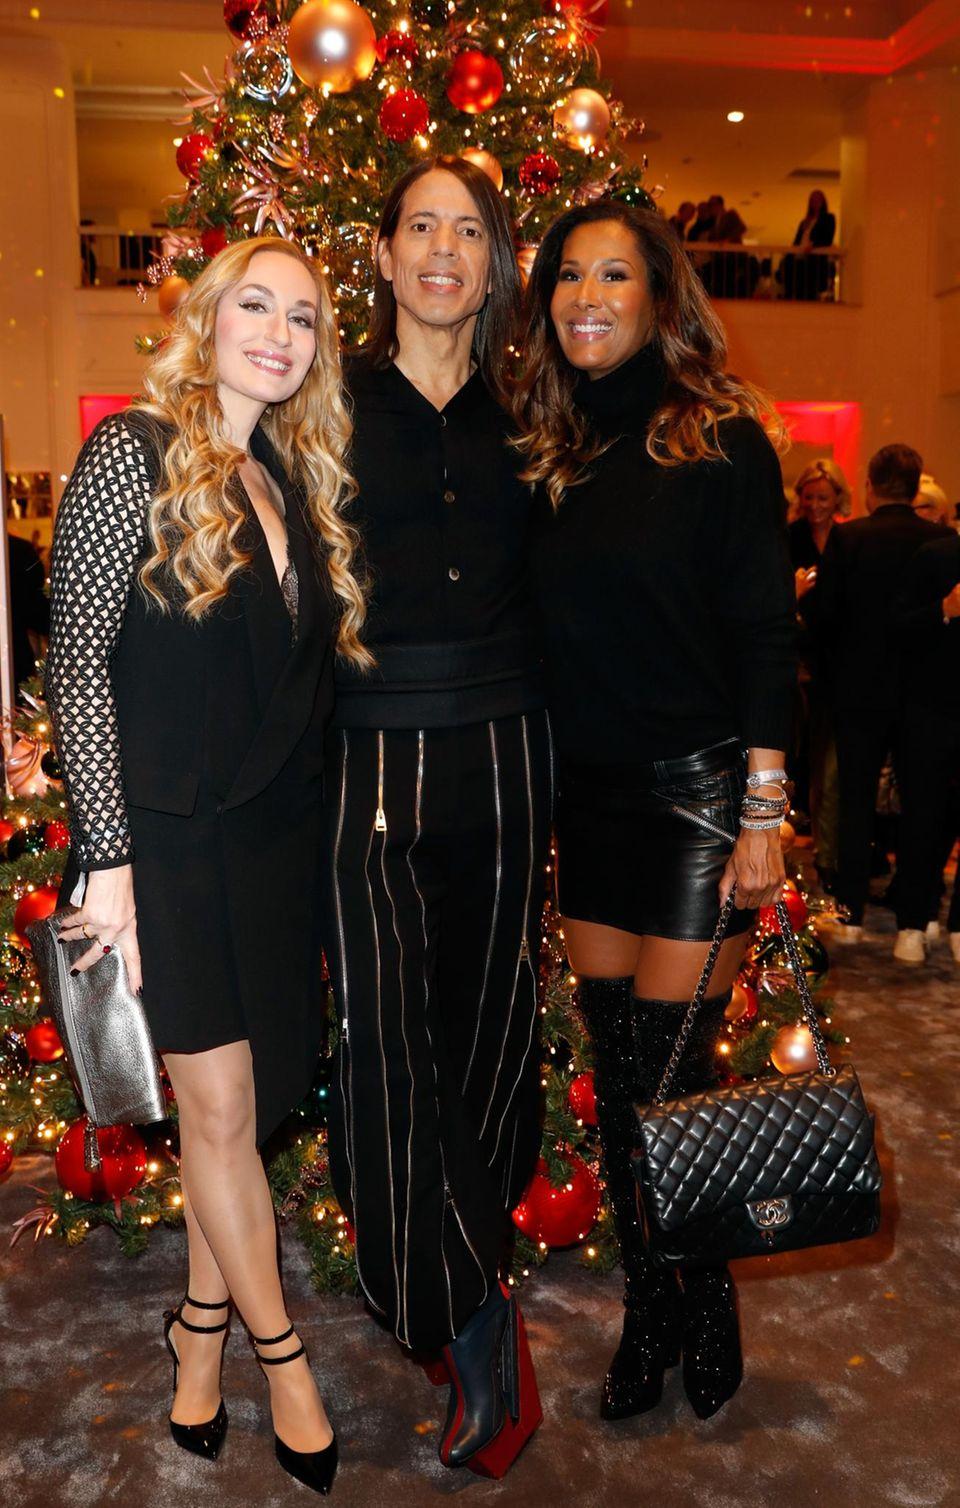 Elna Margret zu Bentheim und Steinfurt, Jorge Gonzalez und Marie Amière genießen ihr Wiedersehen vor dem glamourösen Weihnachtsbaum.